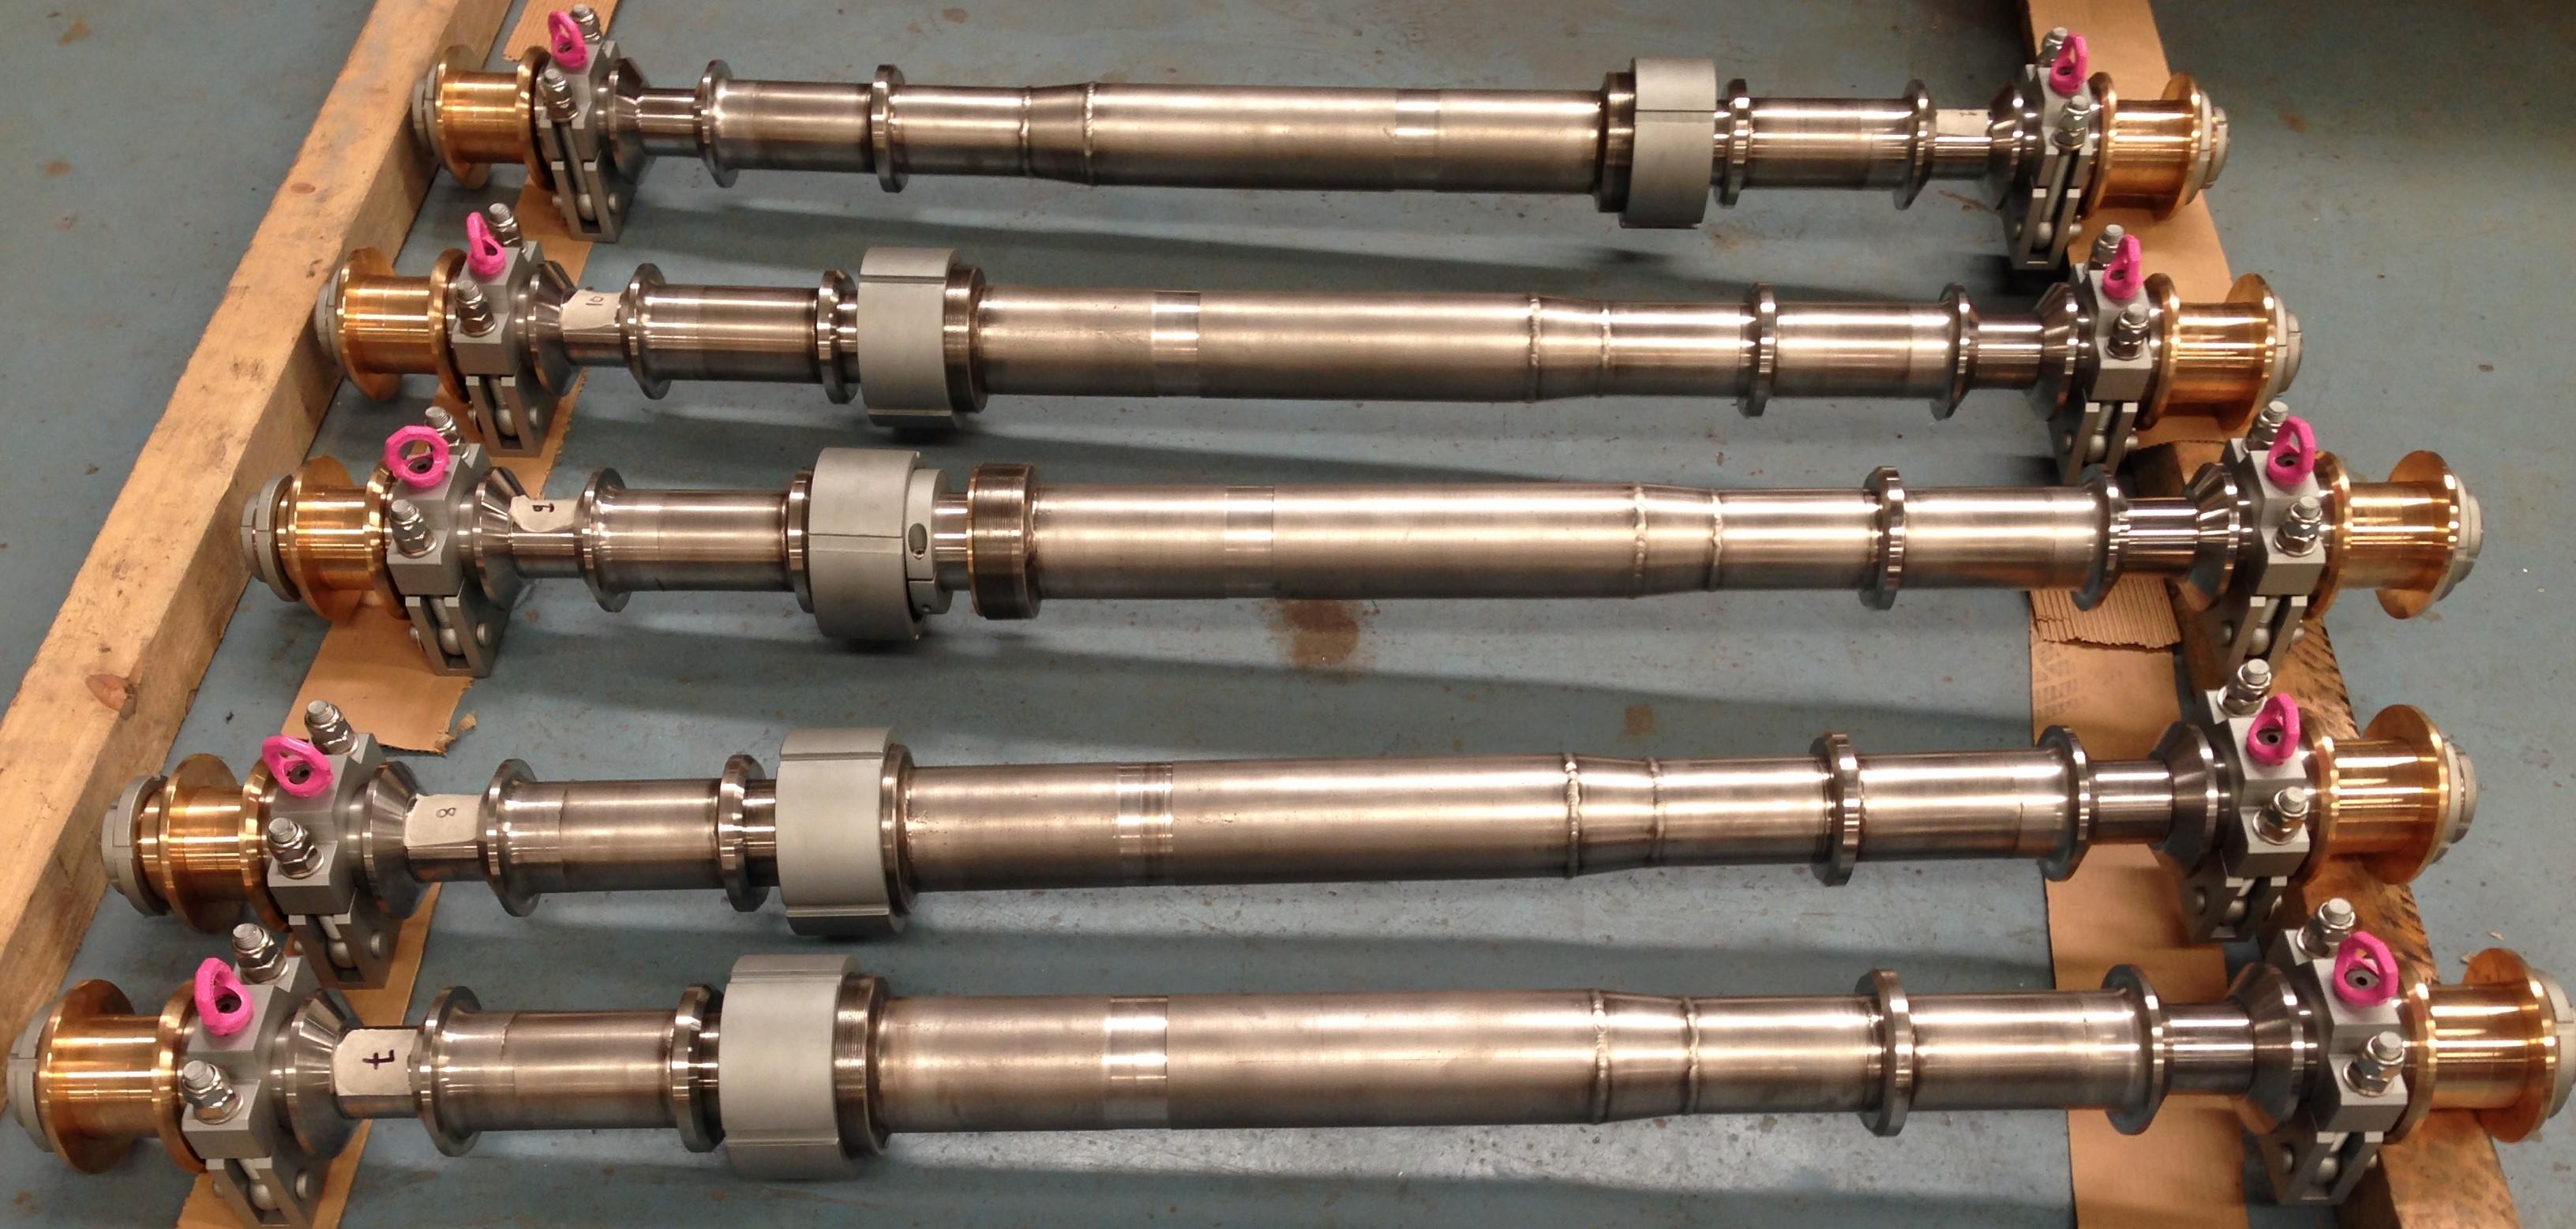 IMG 2130 - Metalwork and Welding